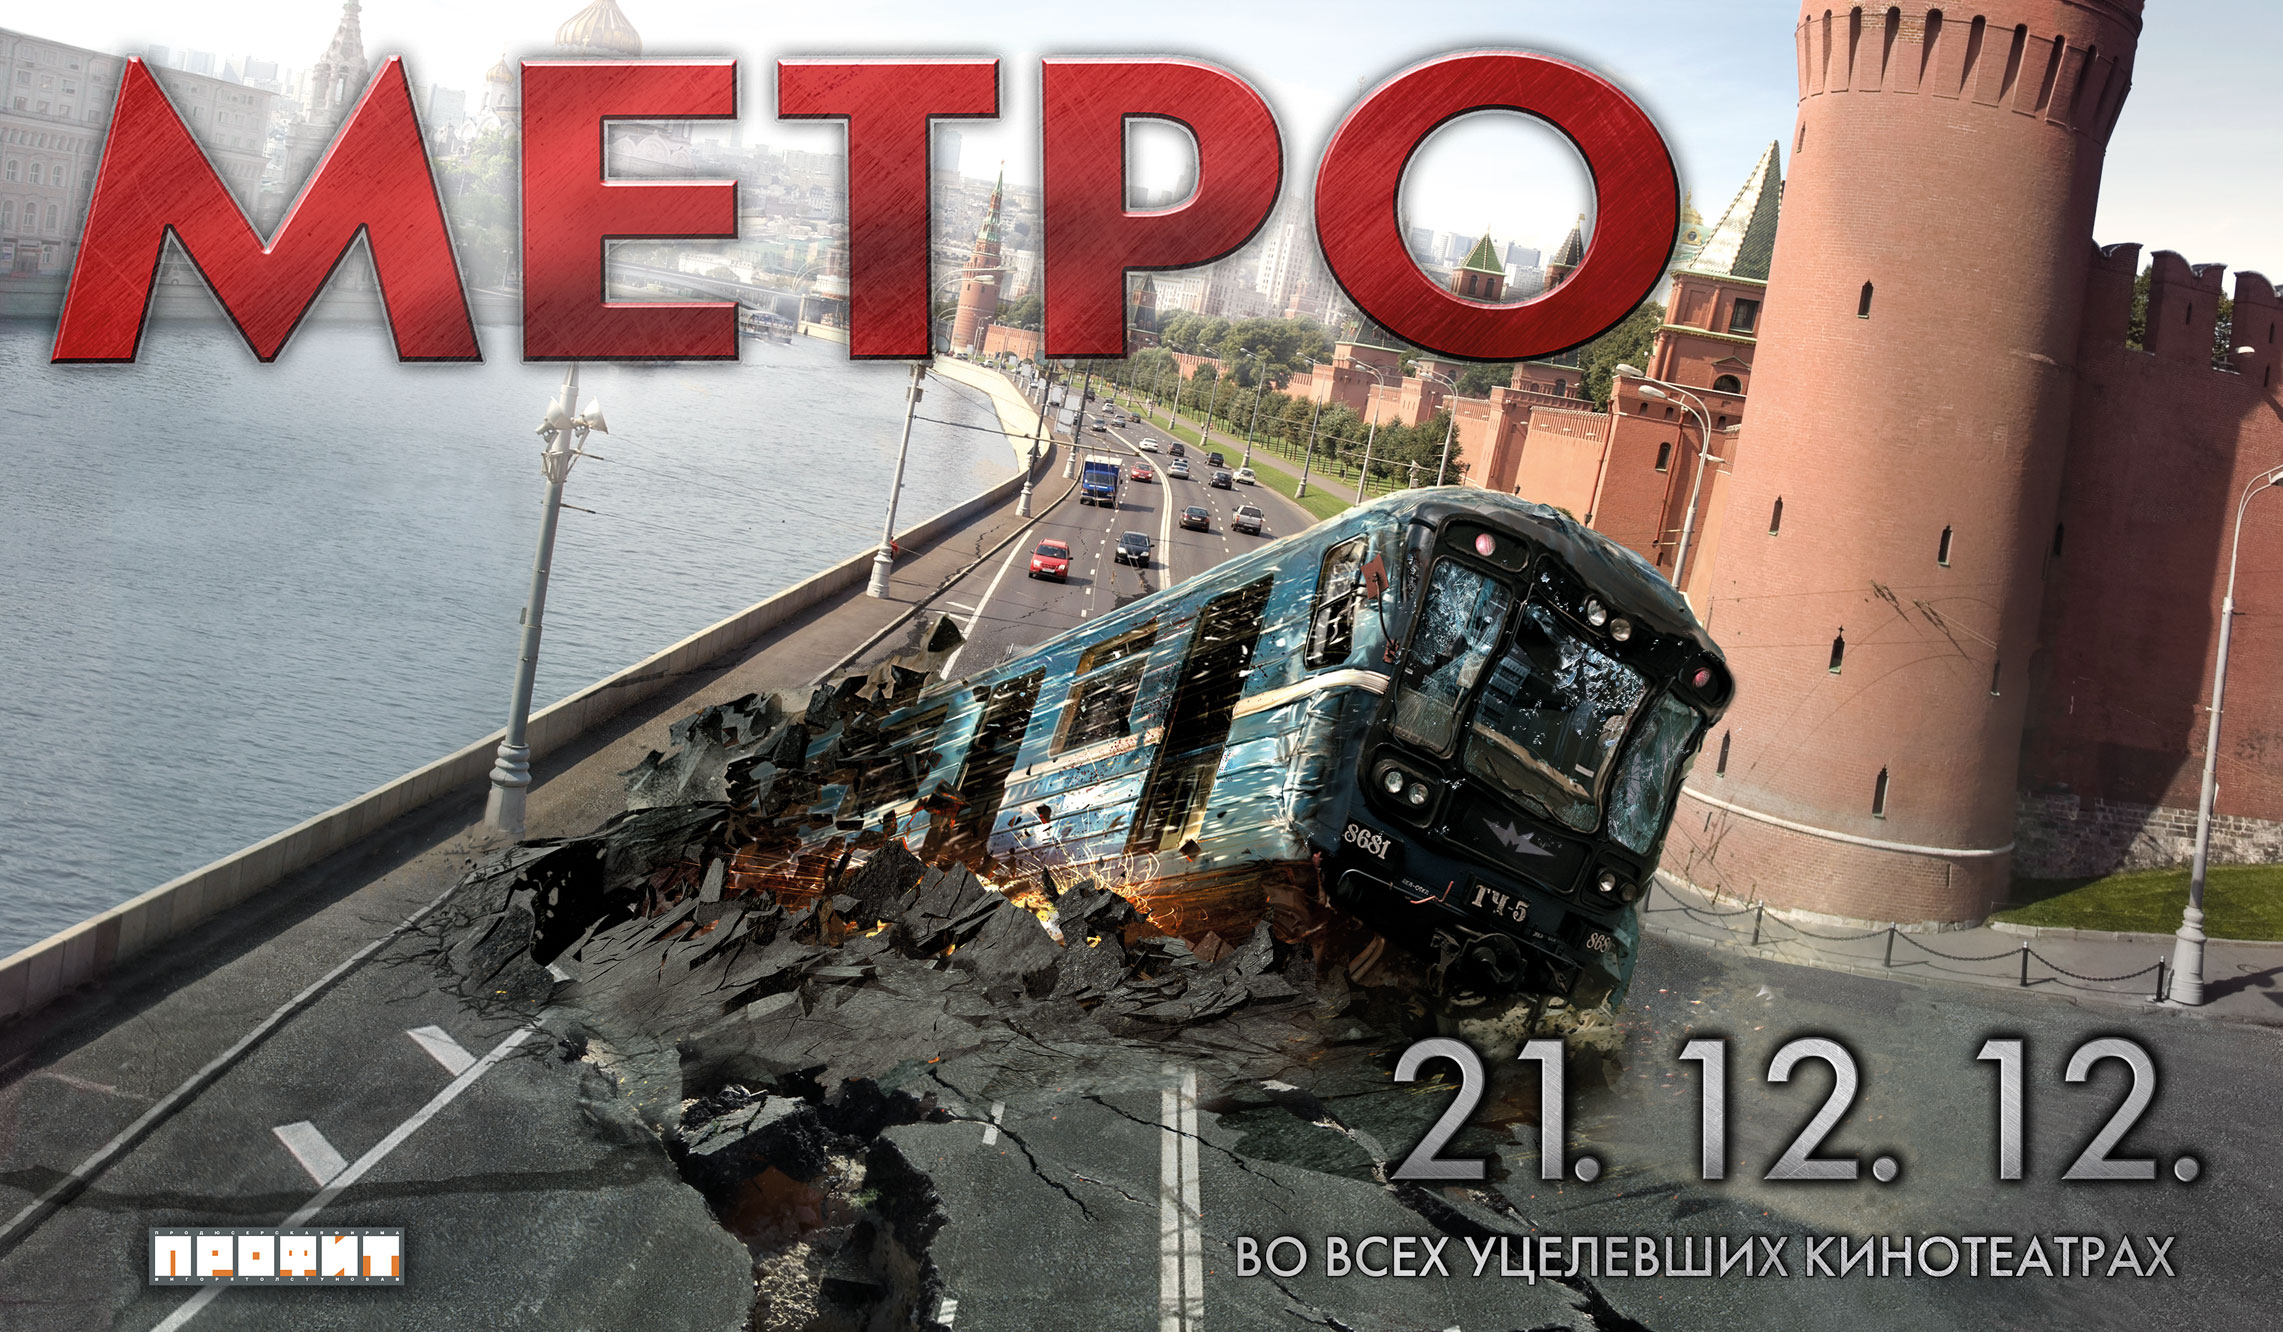 Метро, постер № 2